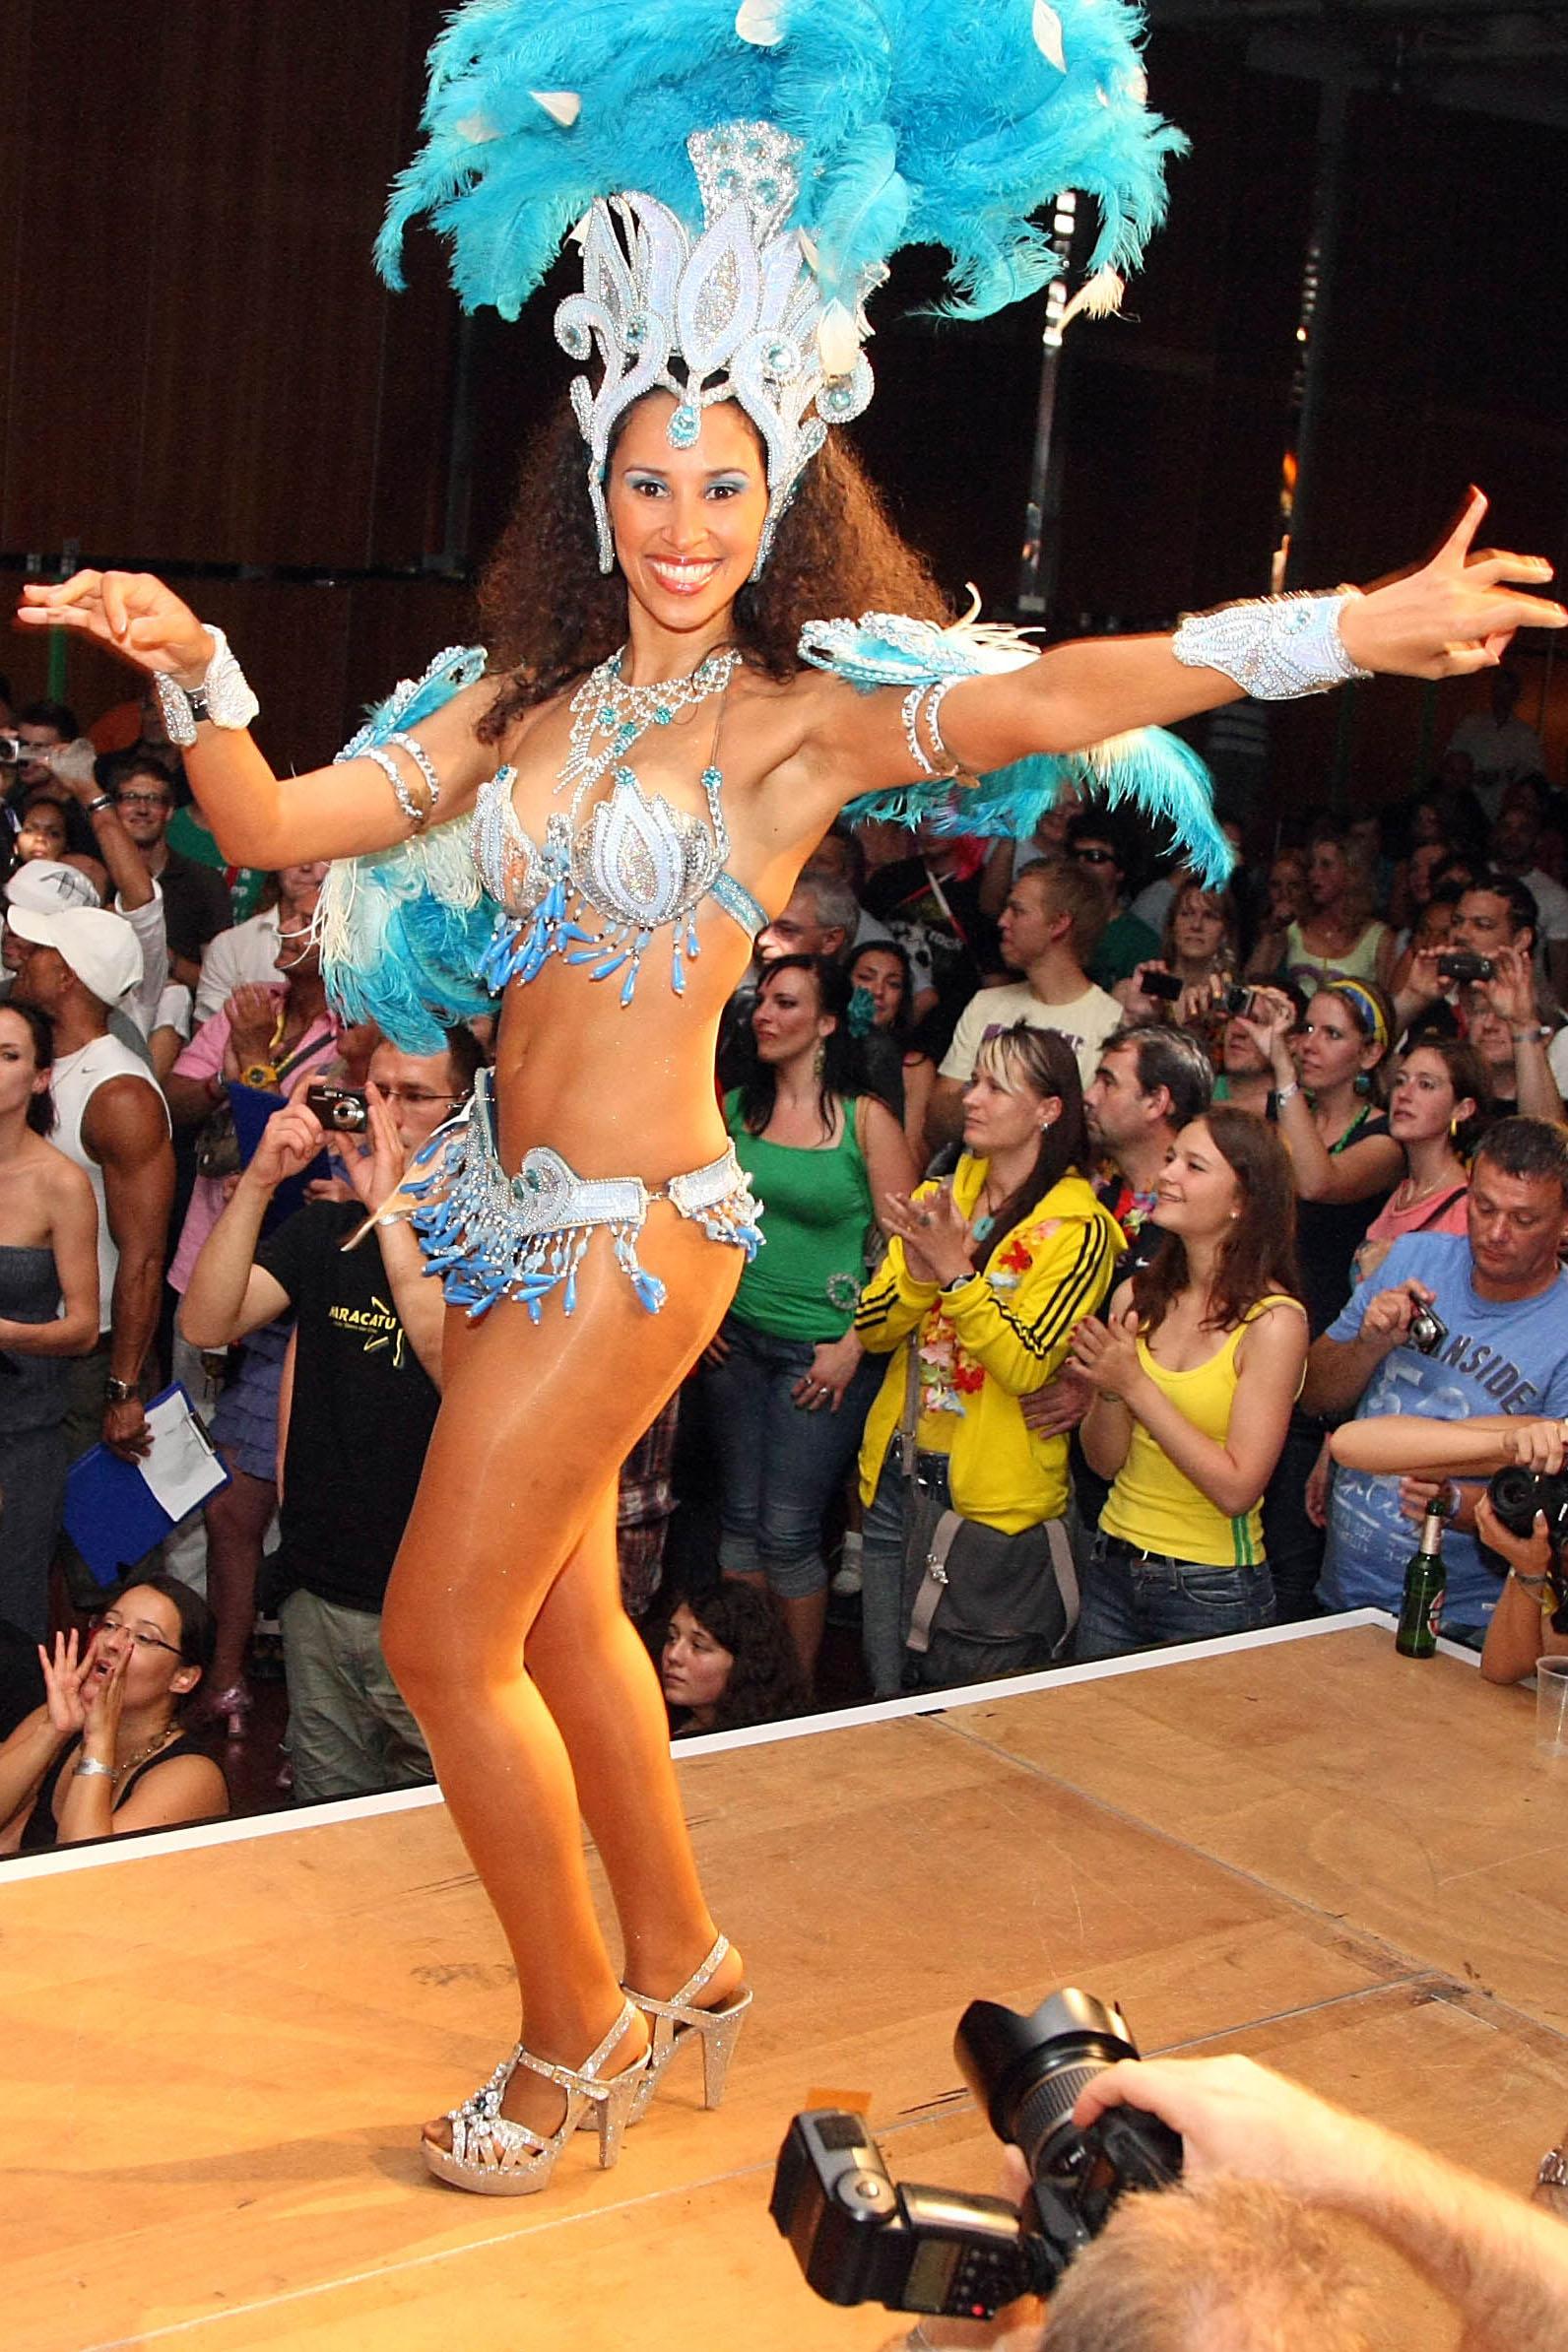 Seit 1992 findet in Coburg alljährlich im Juli das größte Samba-Festival außerhalb Brasiliens statt.